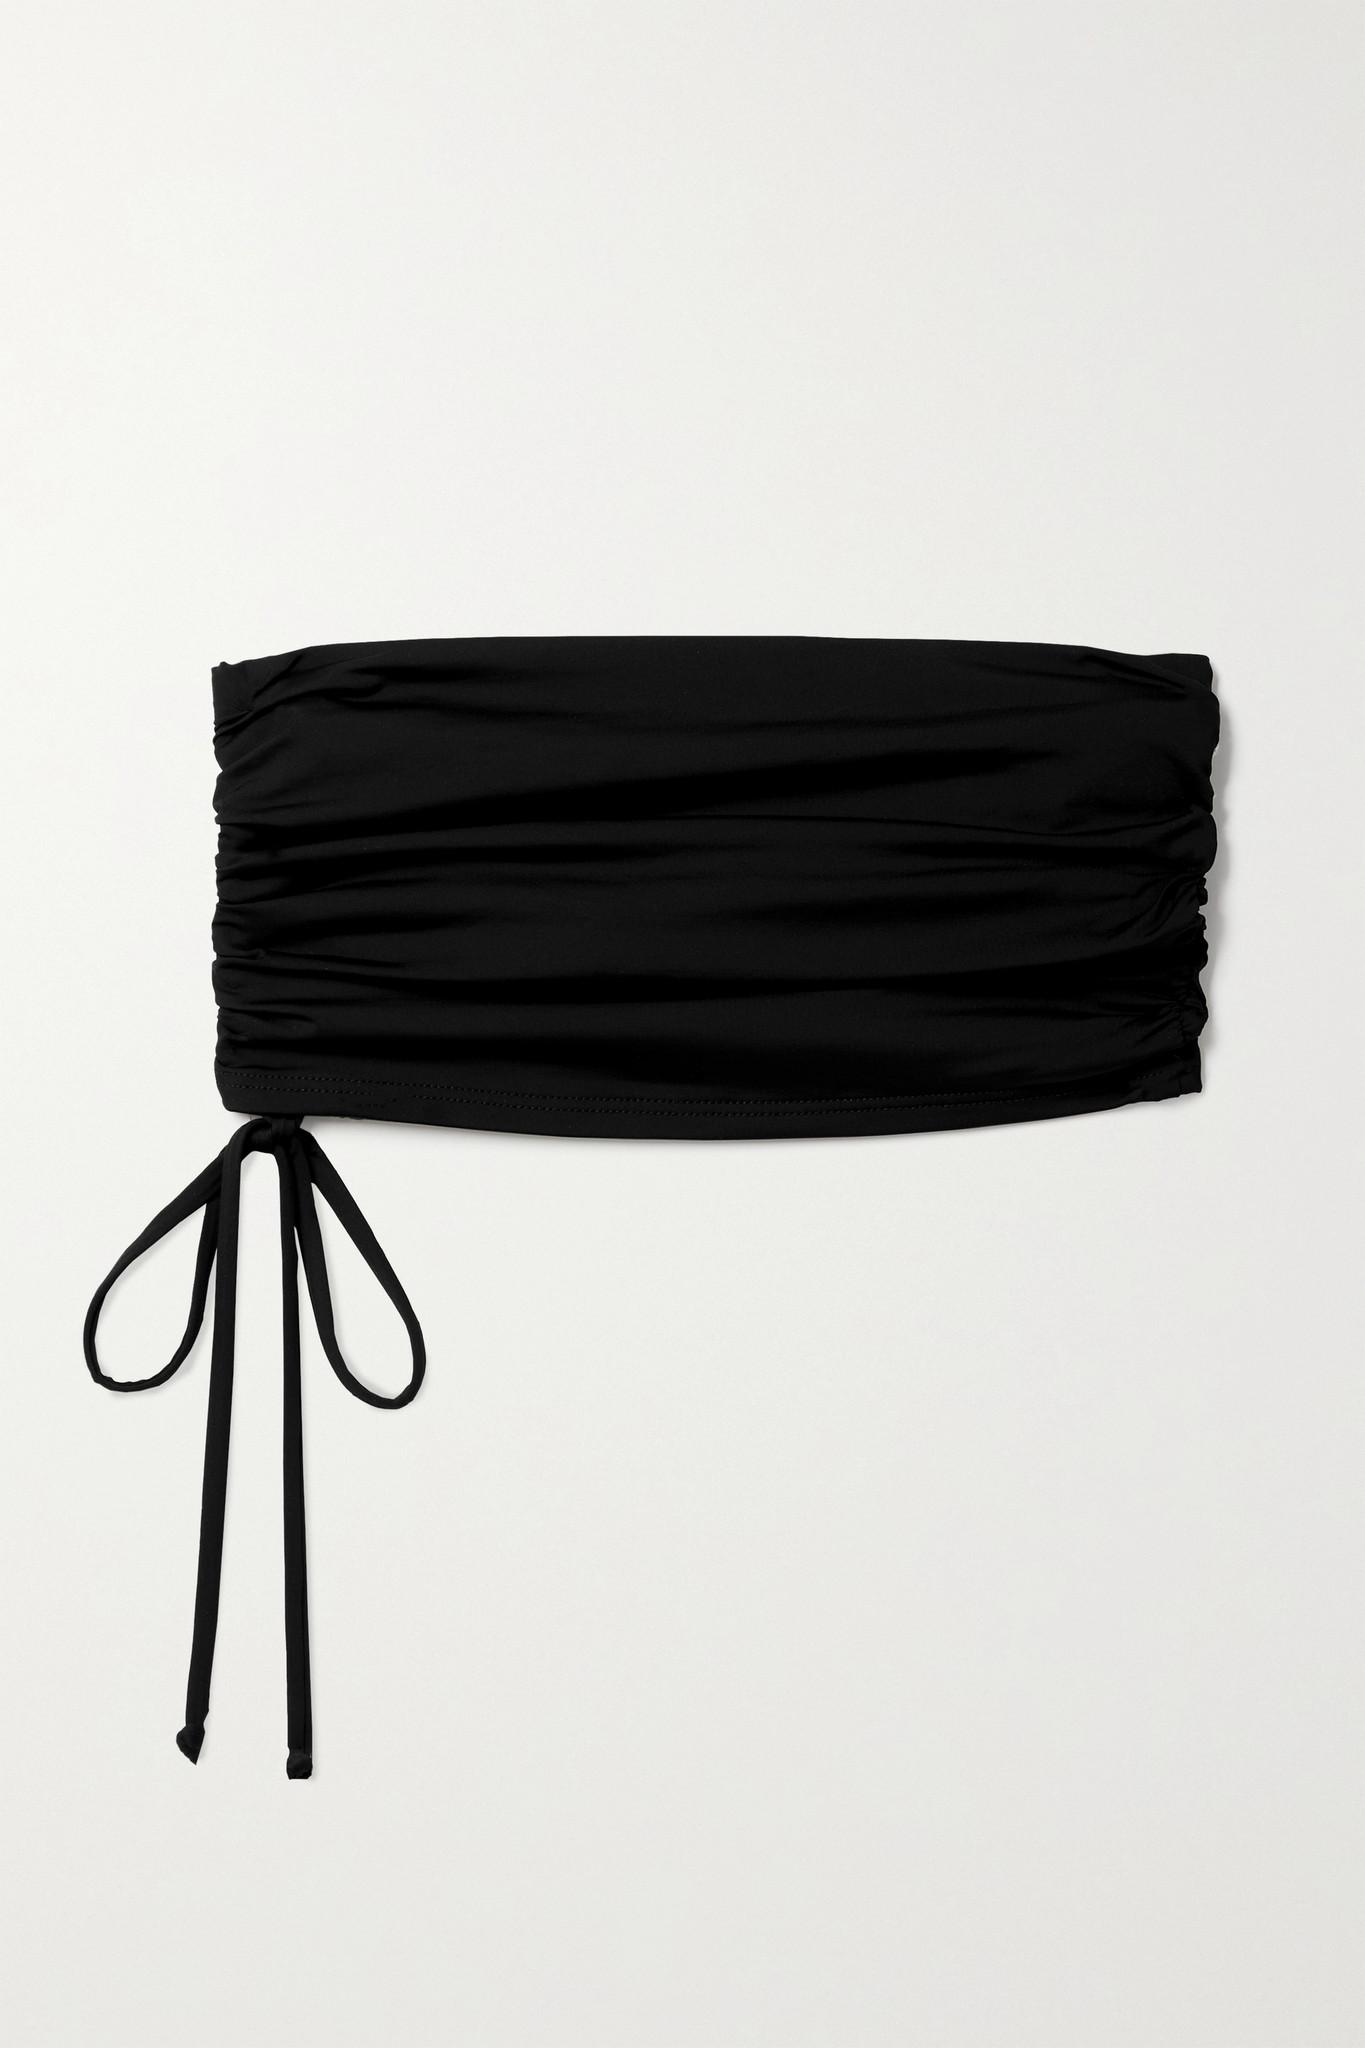 BONDI BORN - 【net Sustain】 Rainey 褶饰抹胸比基尼上装 - 黑色 - UK8